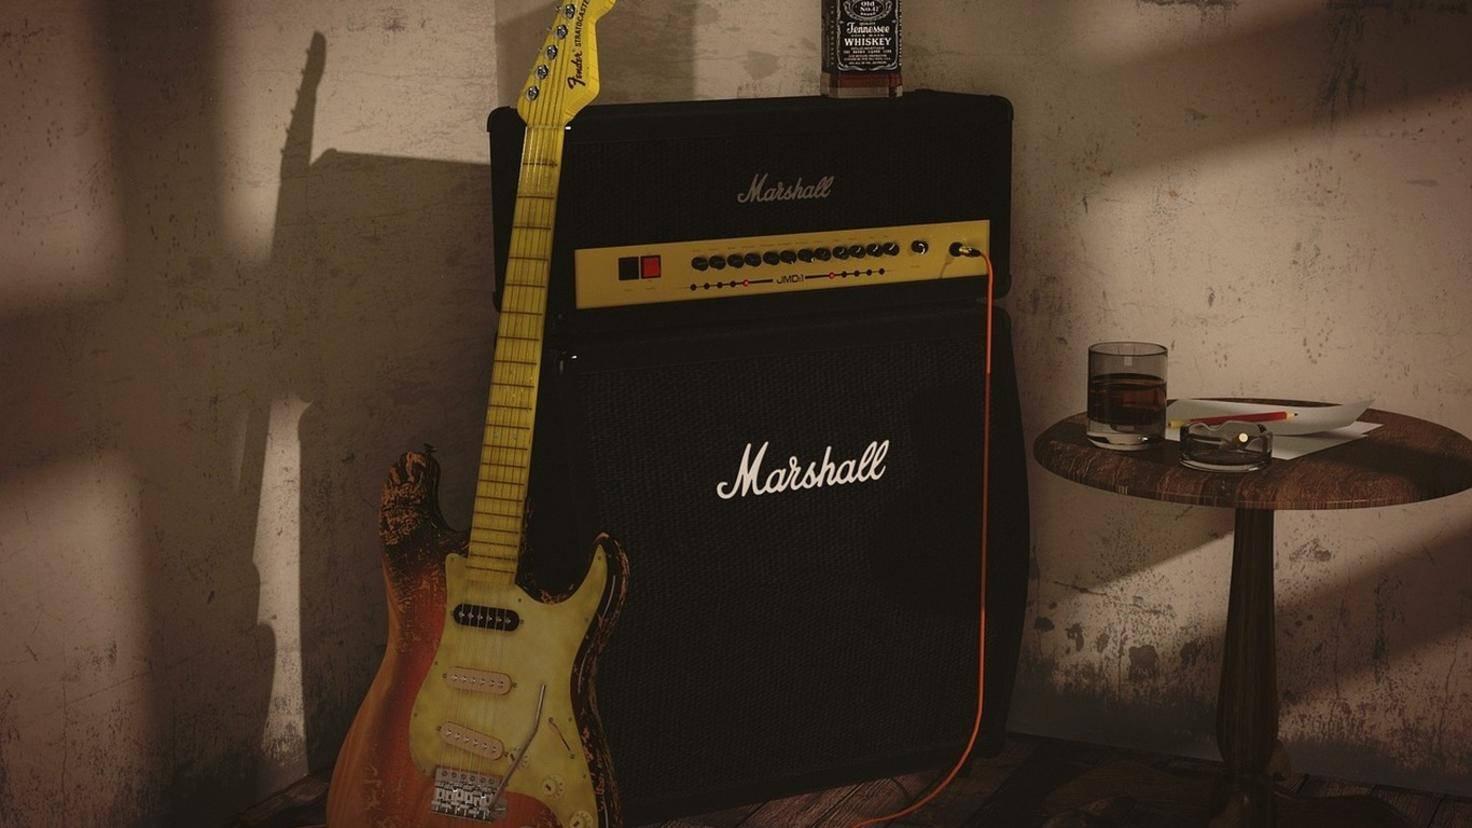 Gitarre Verstärker Lautsprecher Marshall Pixabay